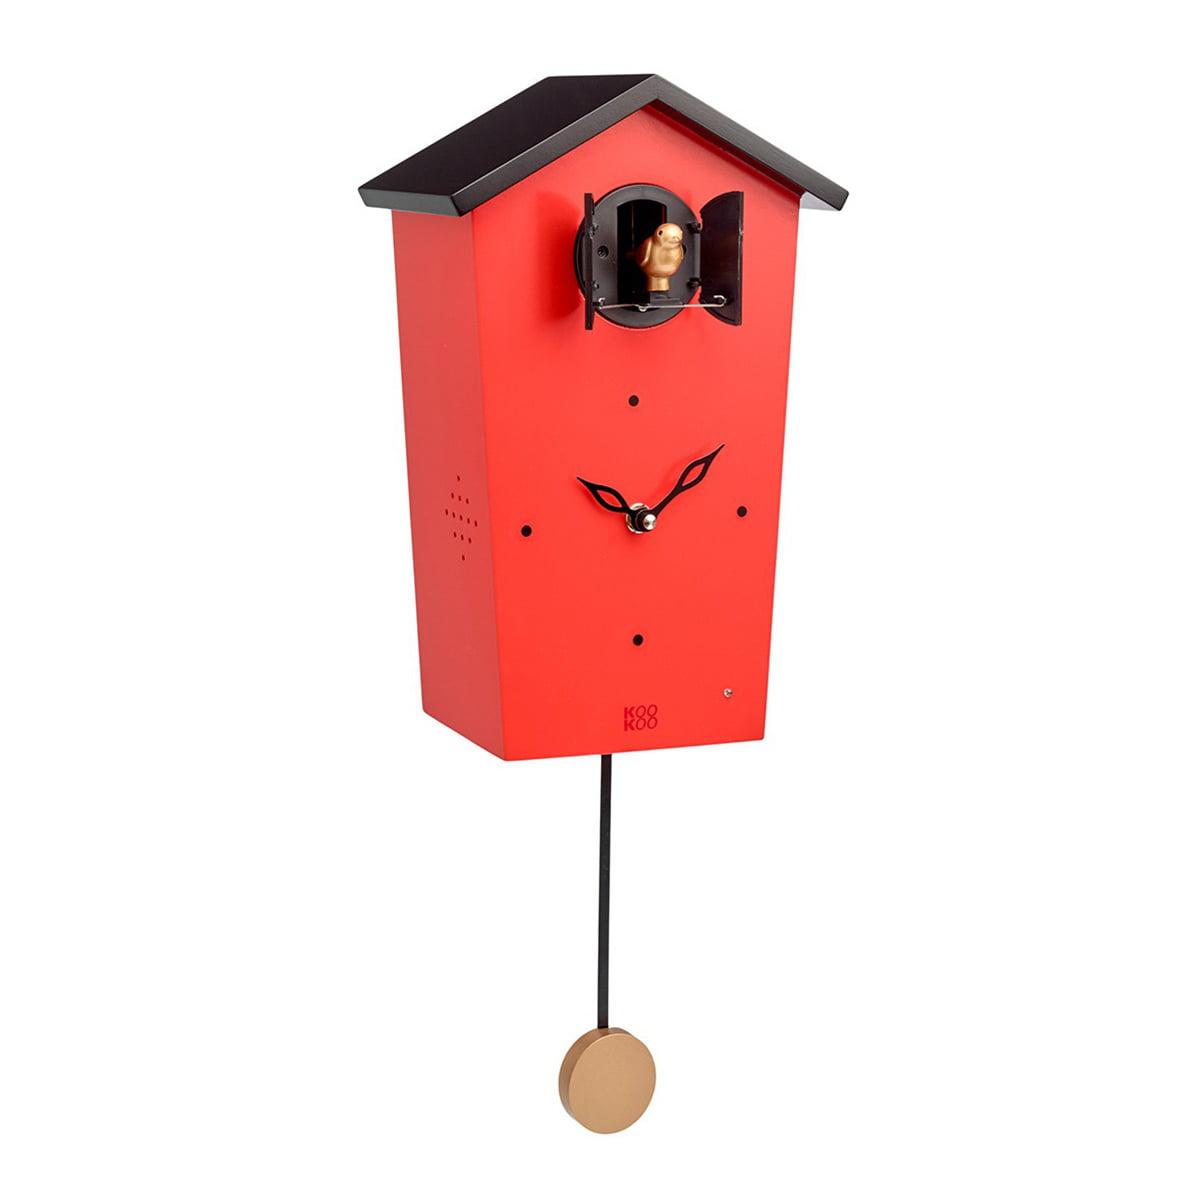 bird house kuckucksuhr von kookoo connox. Black Bedroom Furniture Sets. Home Design Ideas